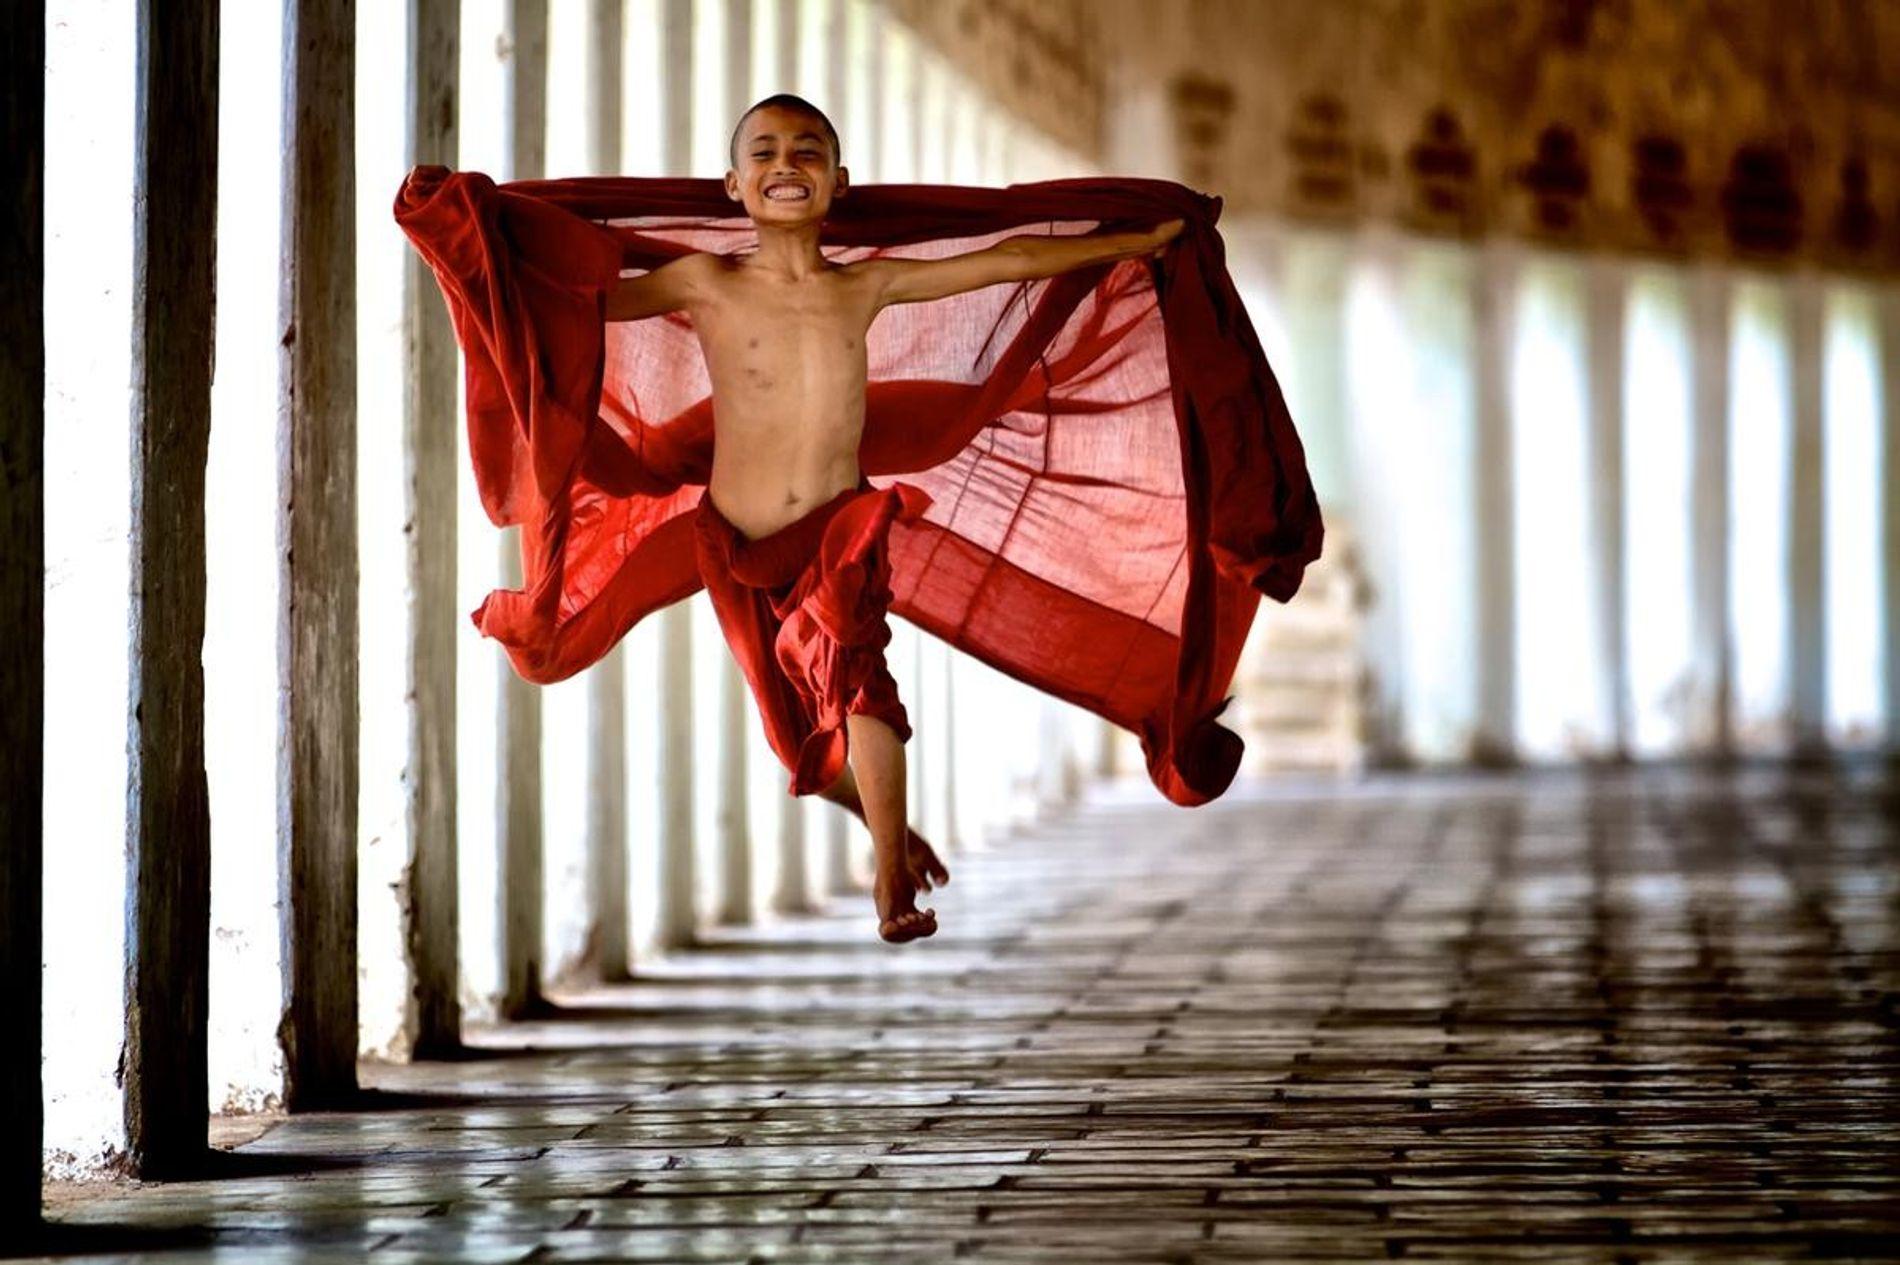 Les moines commencent leur service par des années d'étude au monastère. Ce jeune moine s'envole dans ...